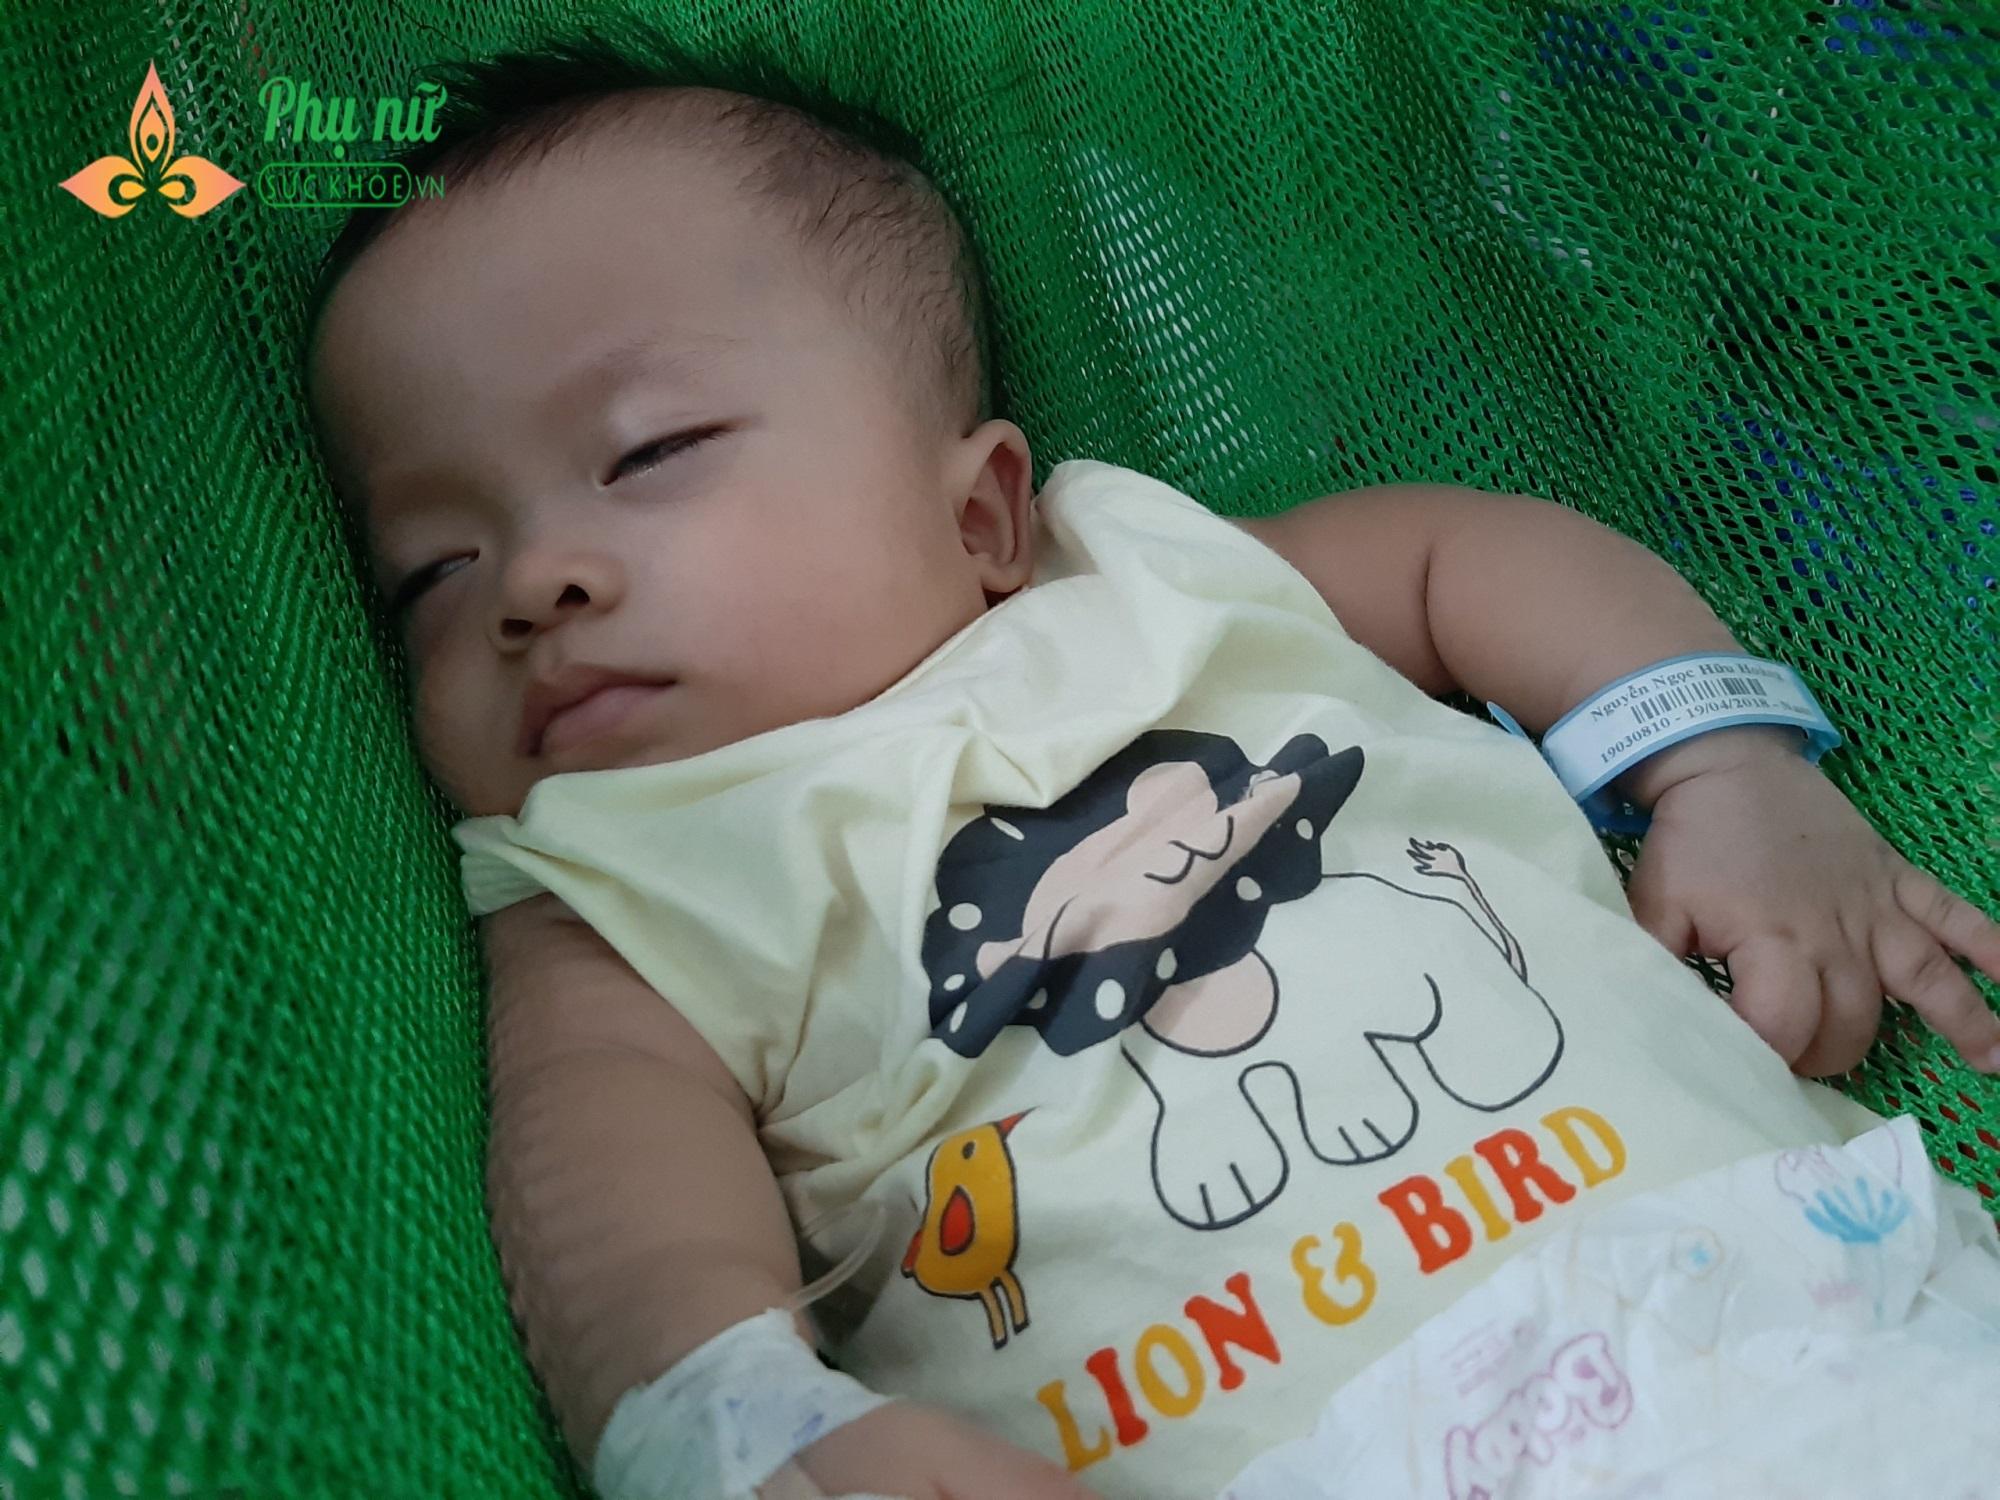 Sau khi vô thuốc điều trị, bé Hoàng mệt mỏi, ngủ mê man